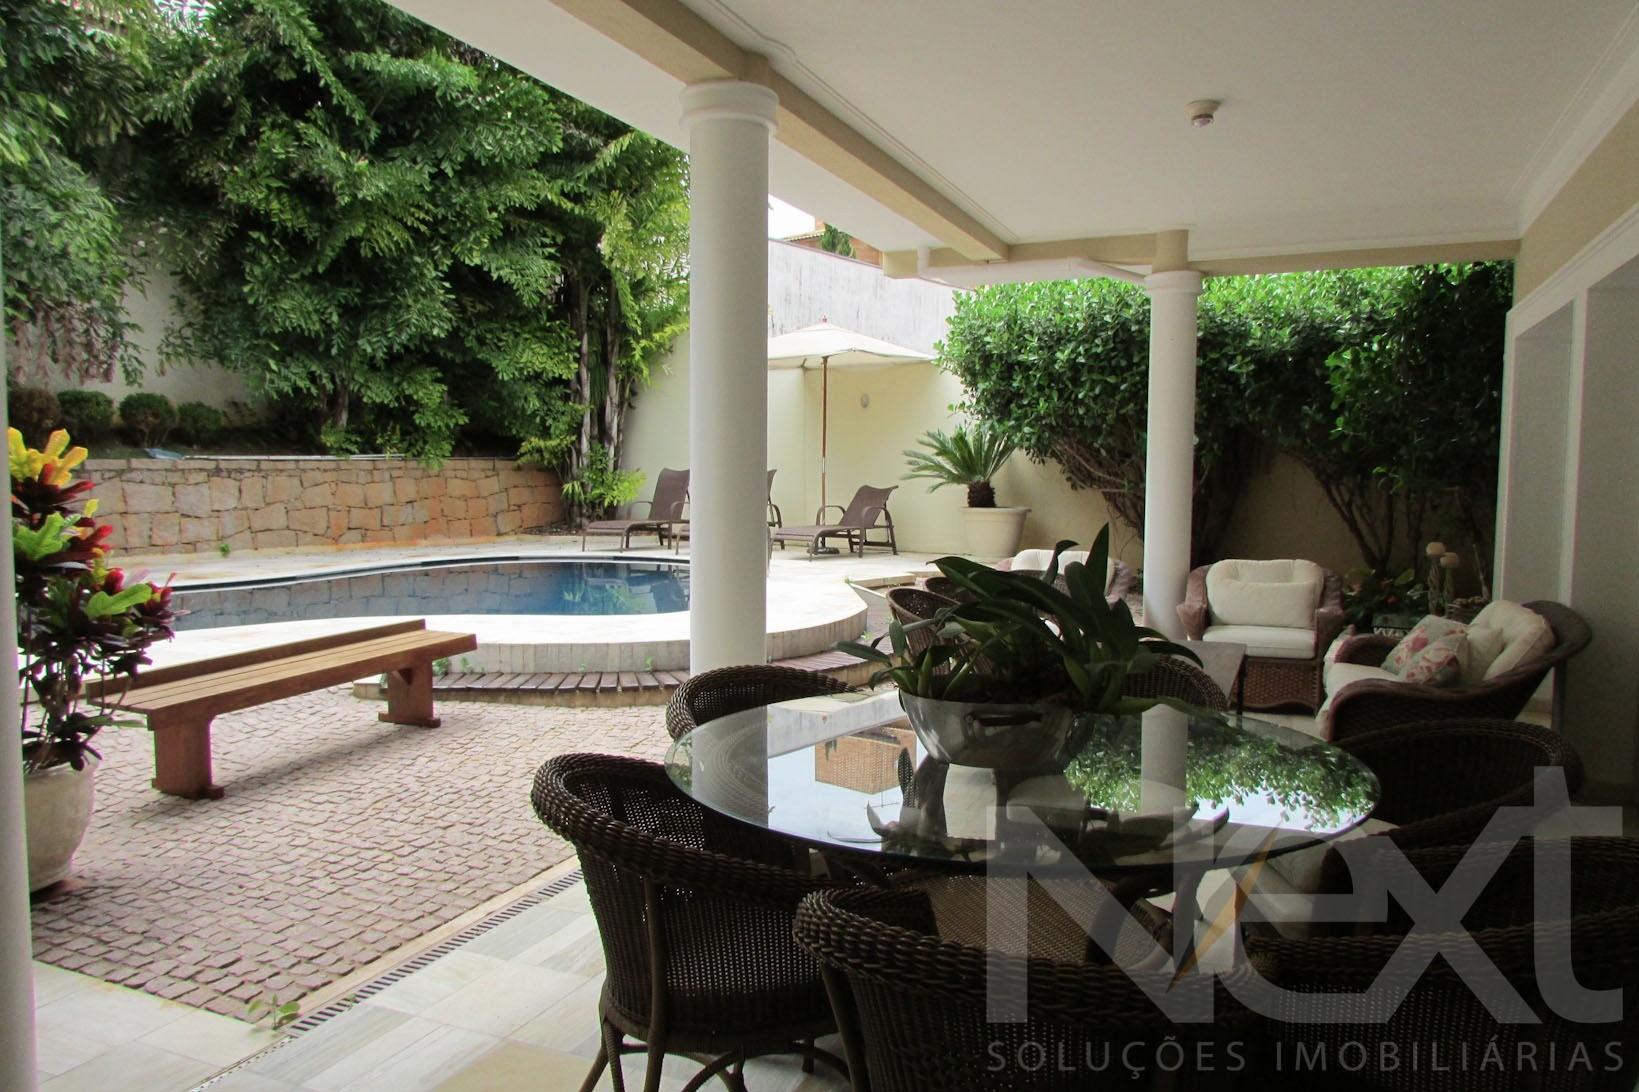 Condomínio de 4 dormitórios à venda em Bairro Alphaville, Campinas - SP